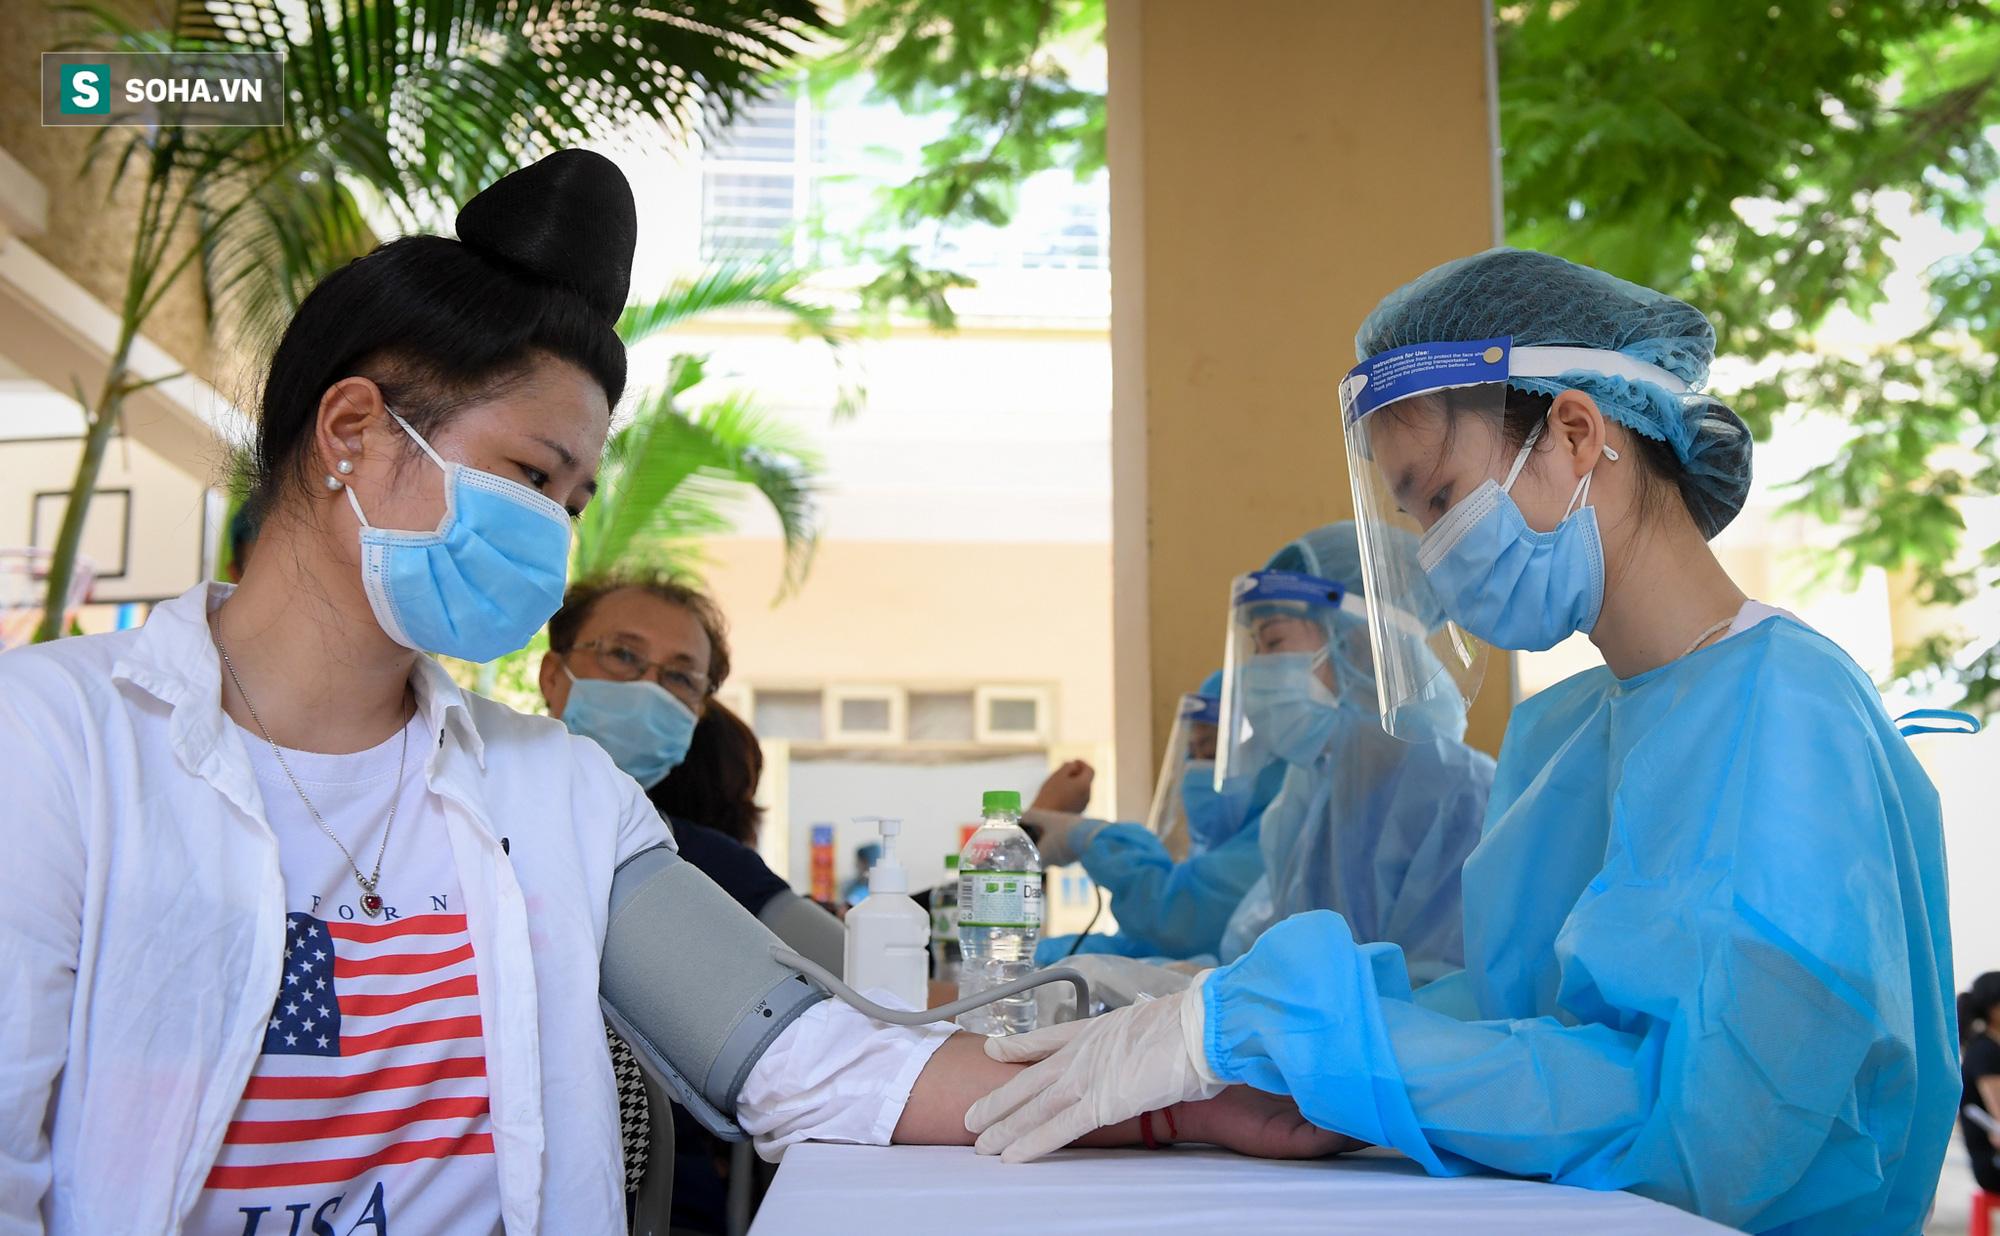 Phường ở Hà Nội tiêm vắc xin Covid-19 cho cả người không có giấy tờ tuỳ thân - Ảnh 4.